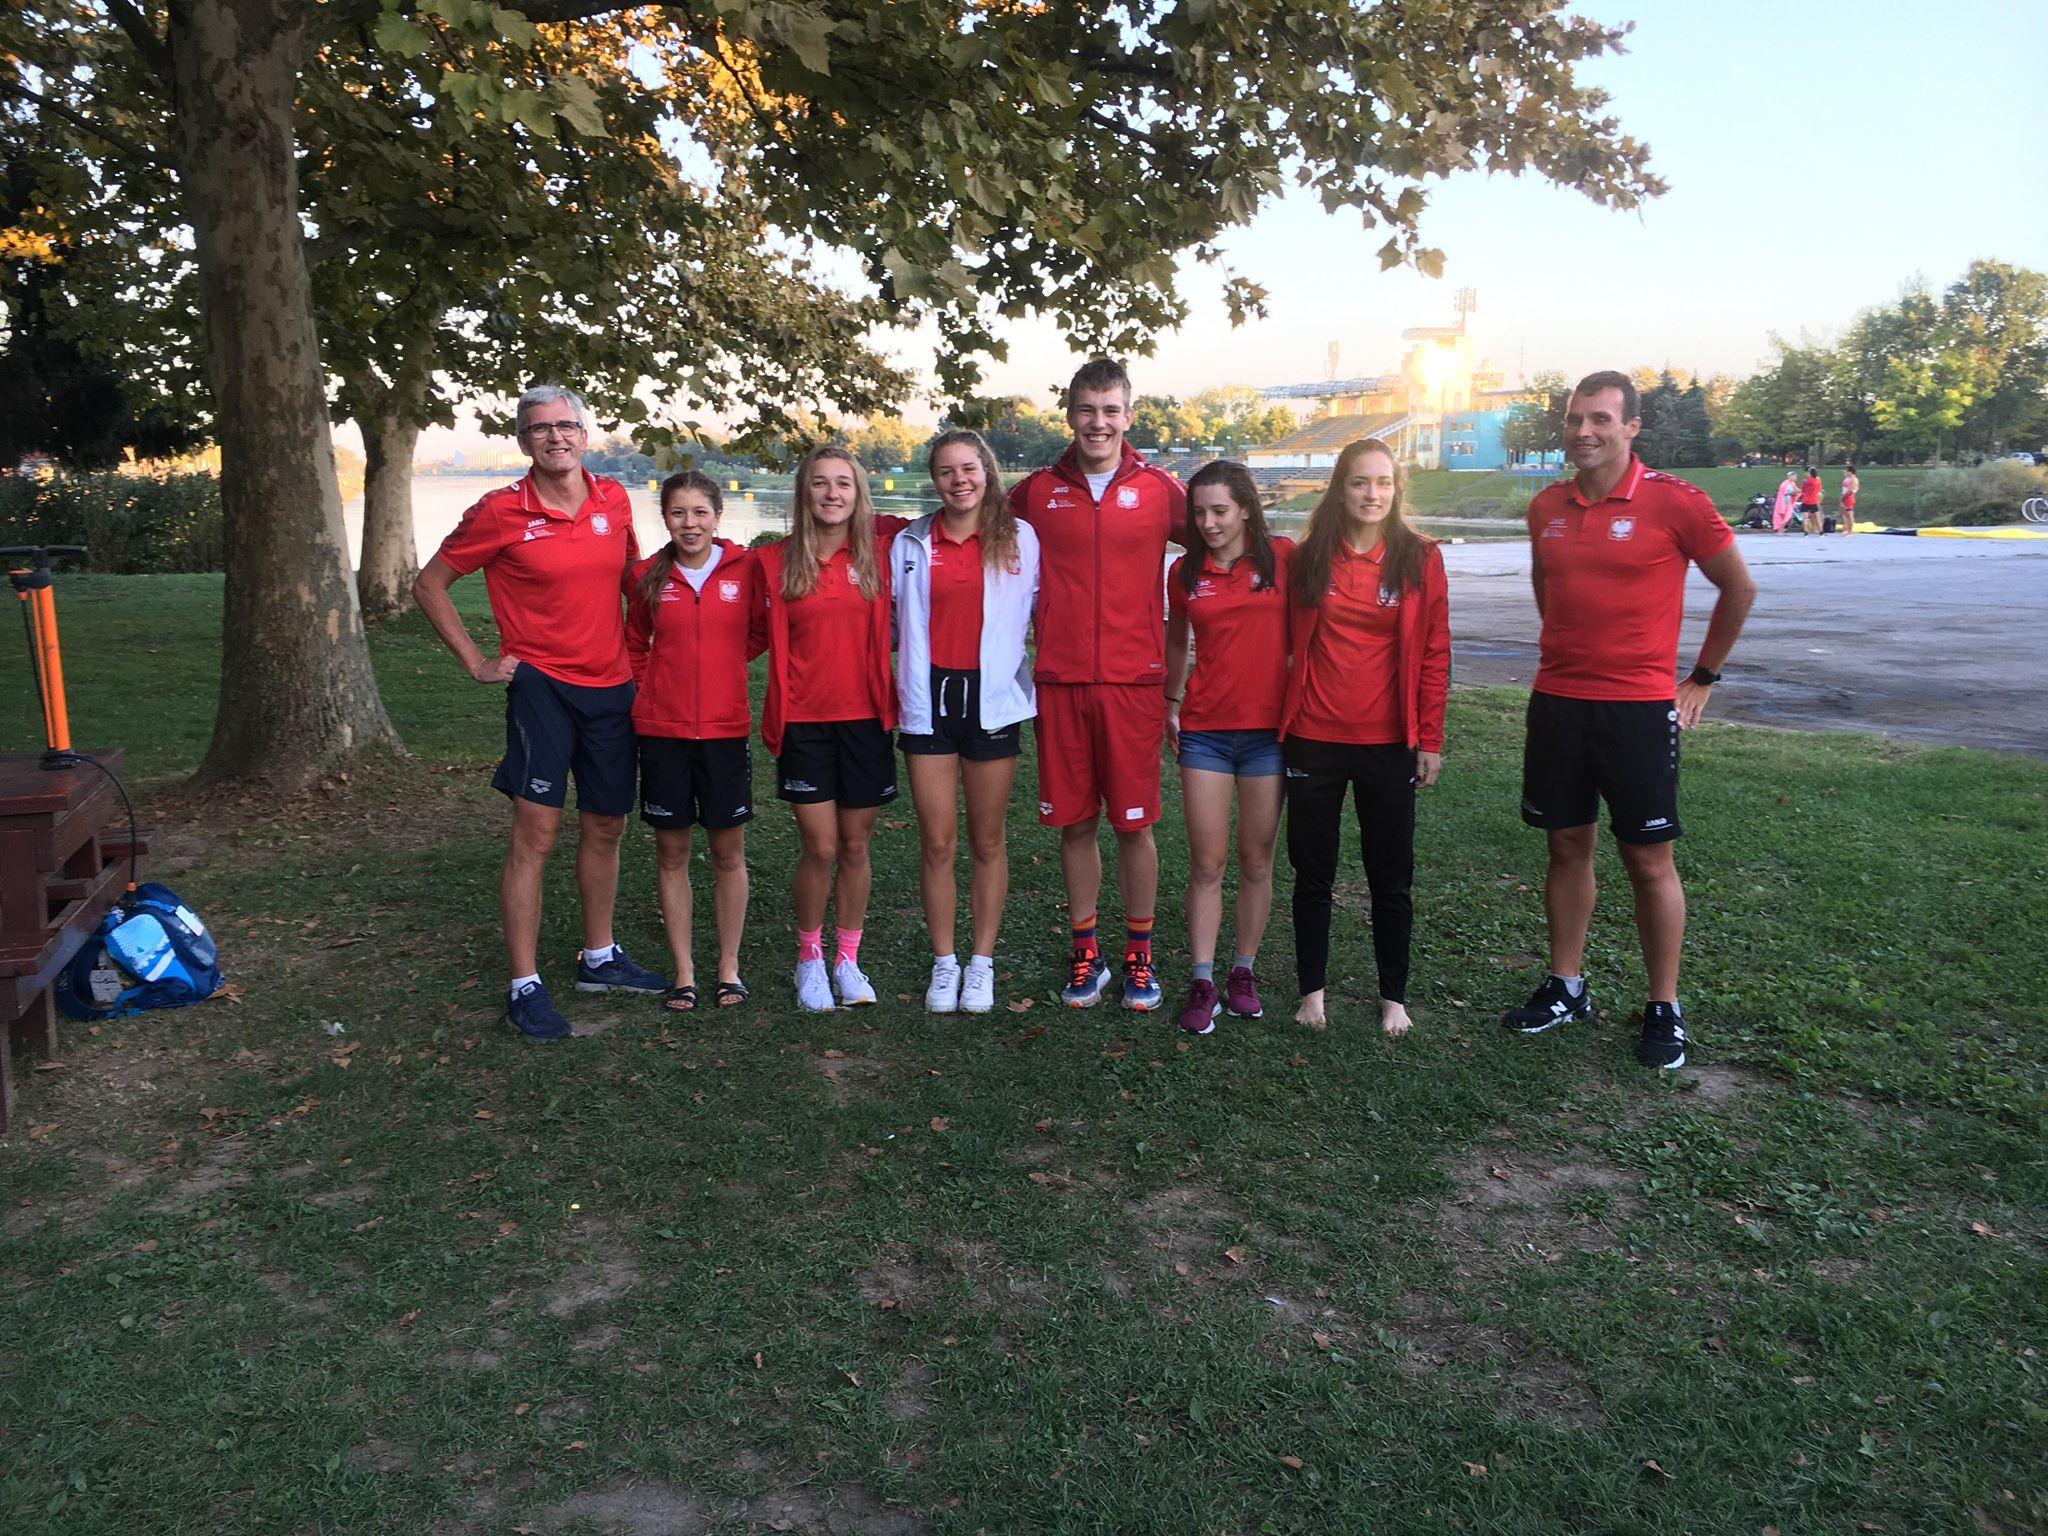 Reprezentacja Polski podczas PE Juniorów Triathlonie w Zagrzebiu 2019